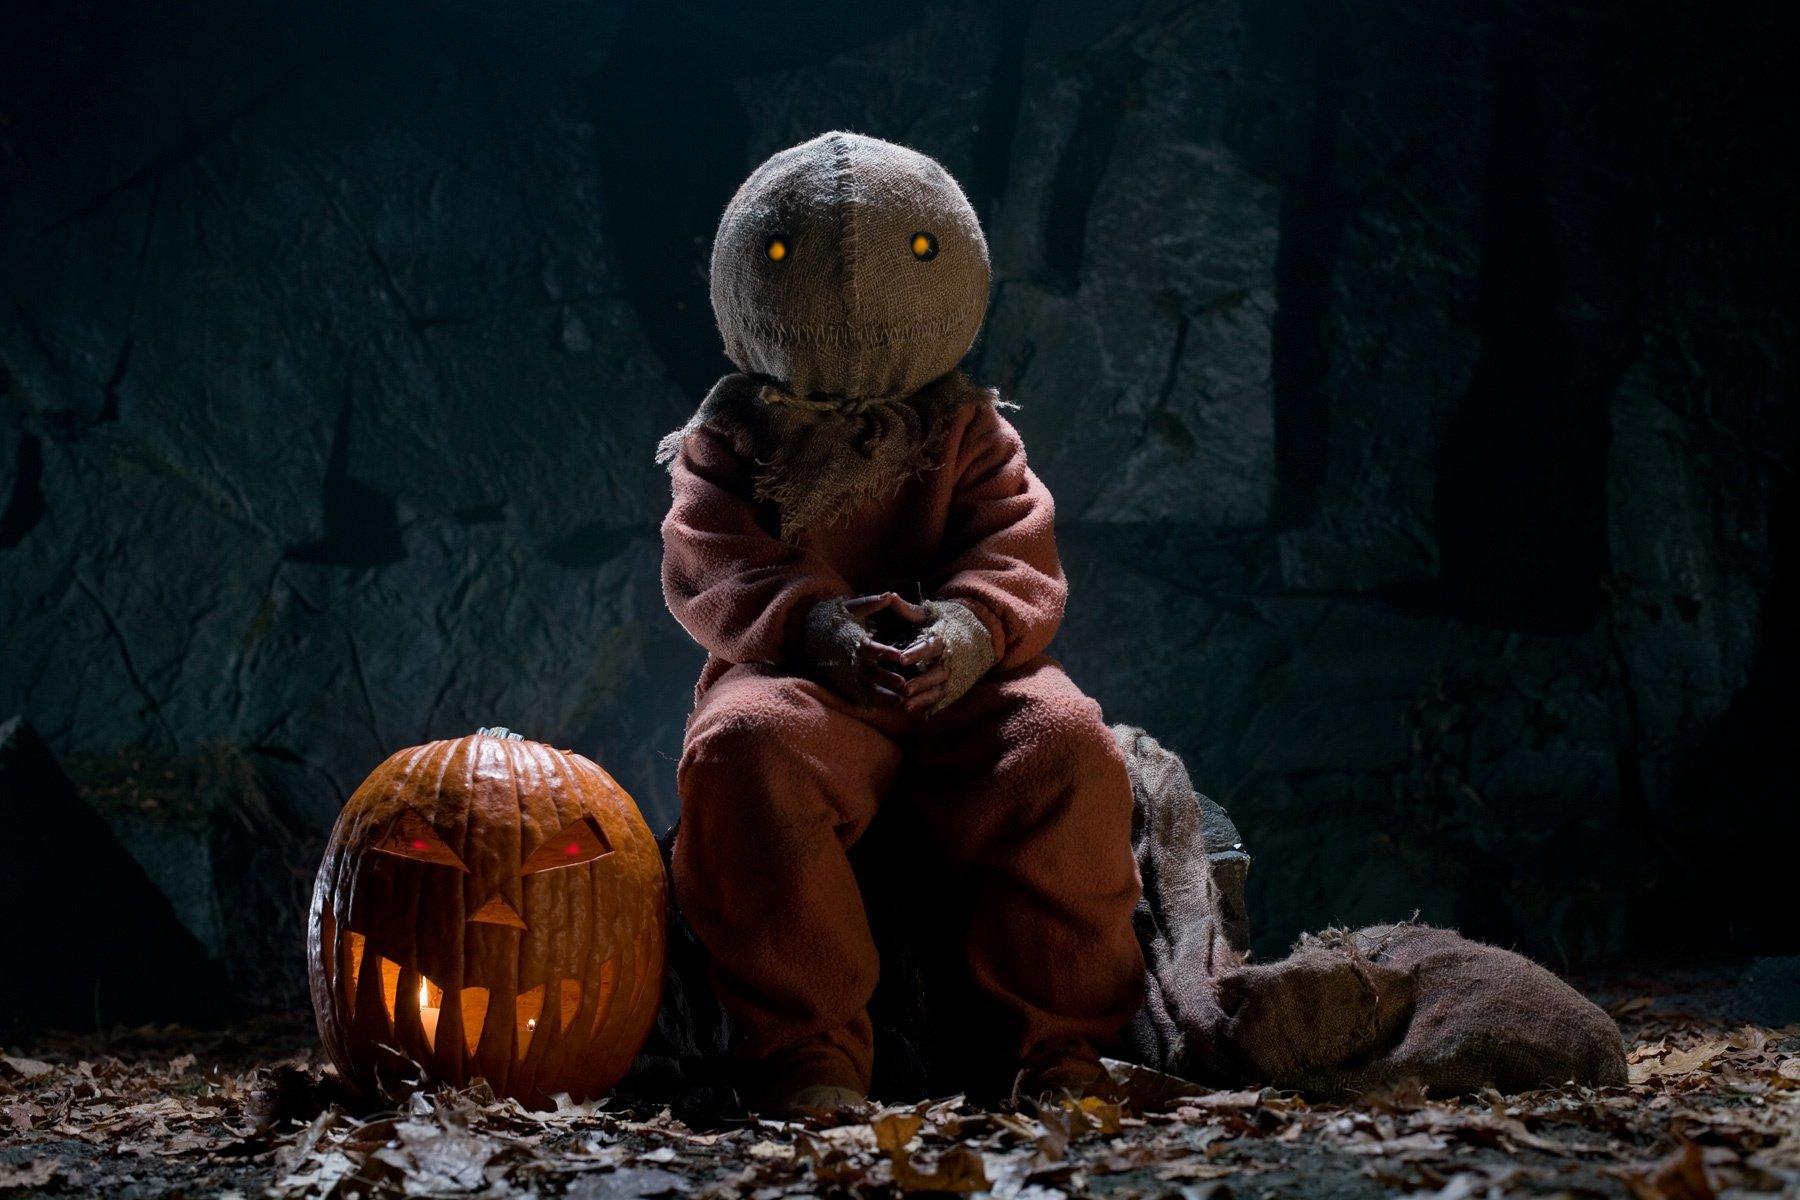 The Samhain Child